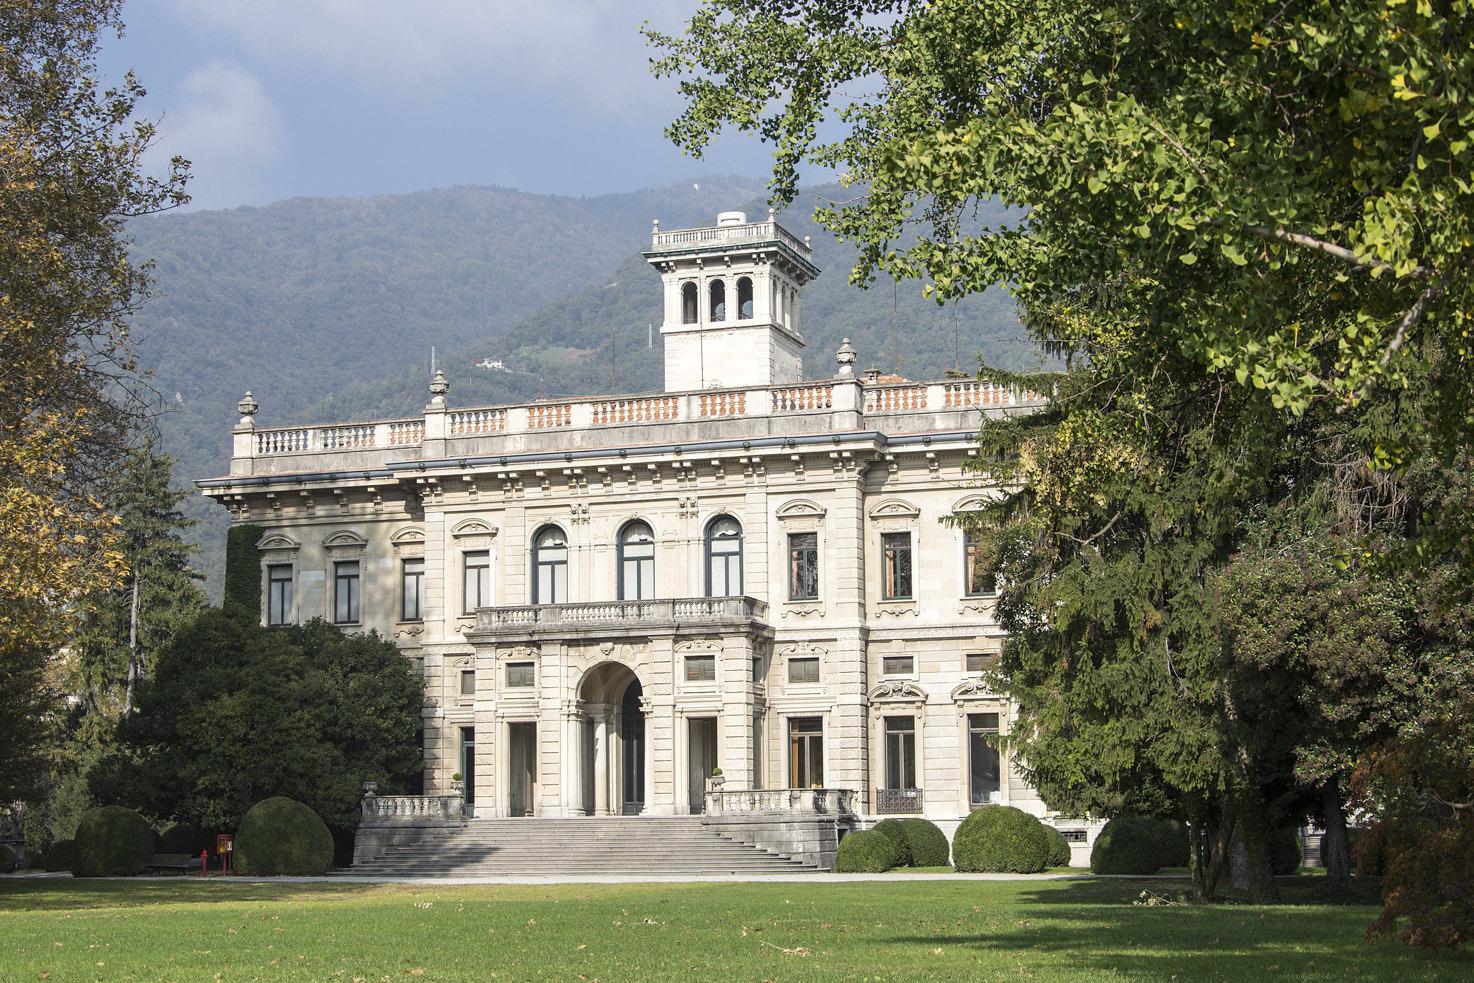 Villa Erba façade